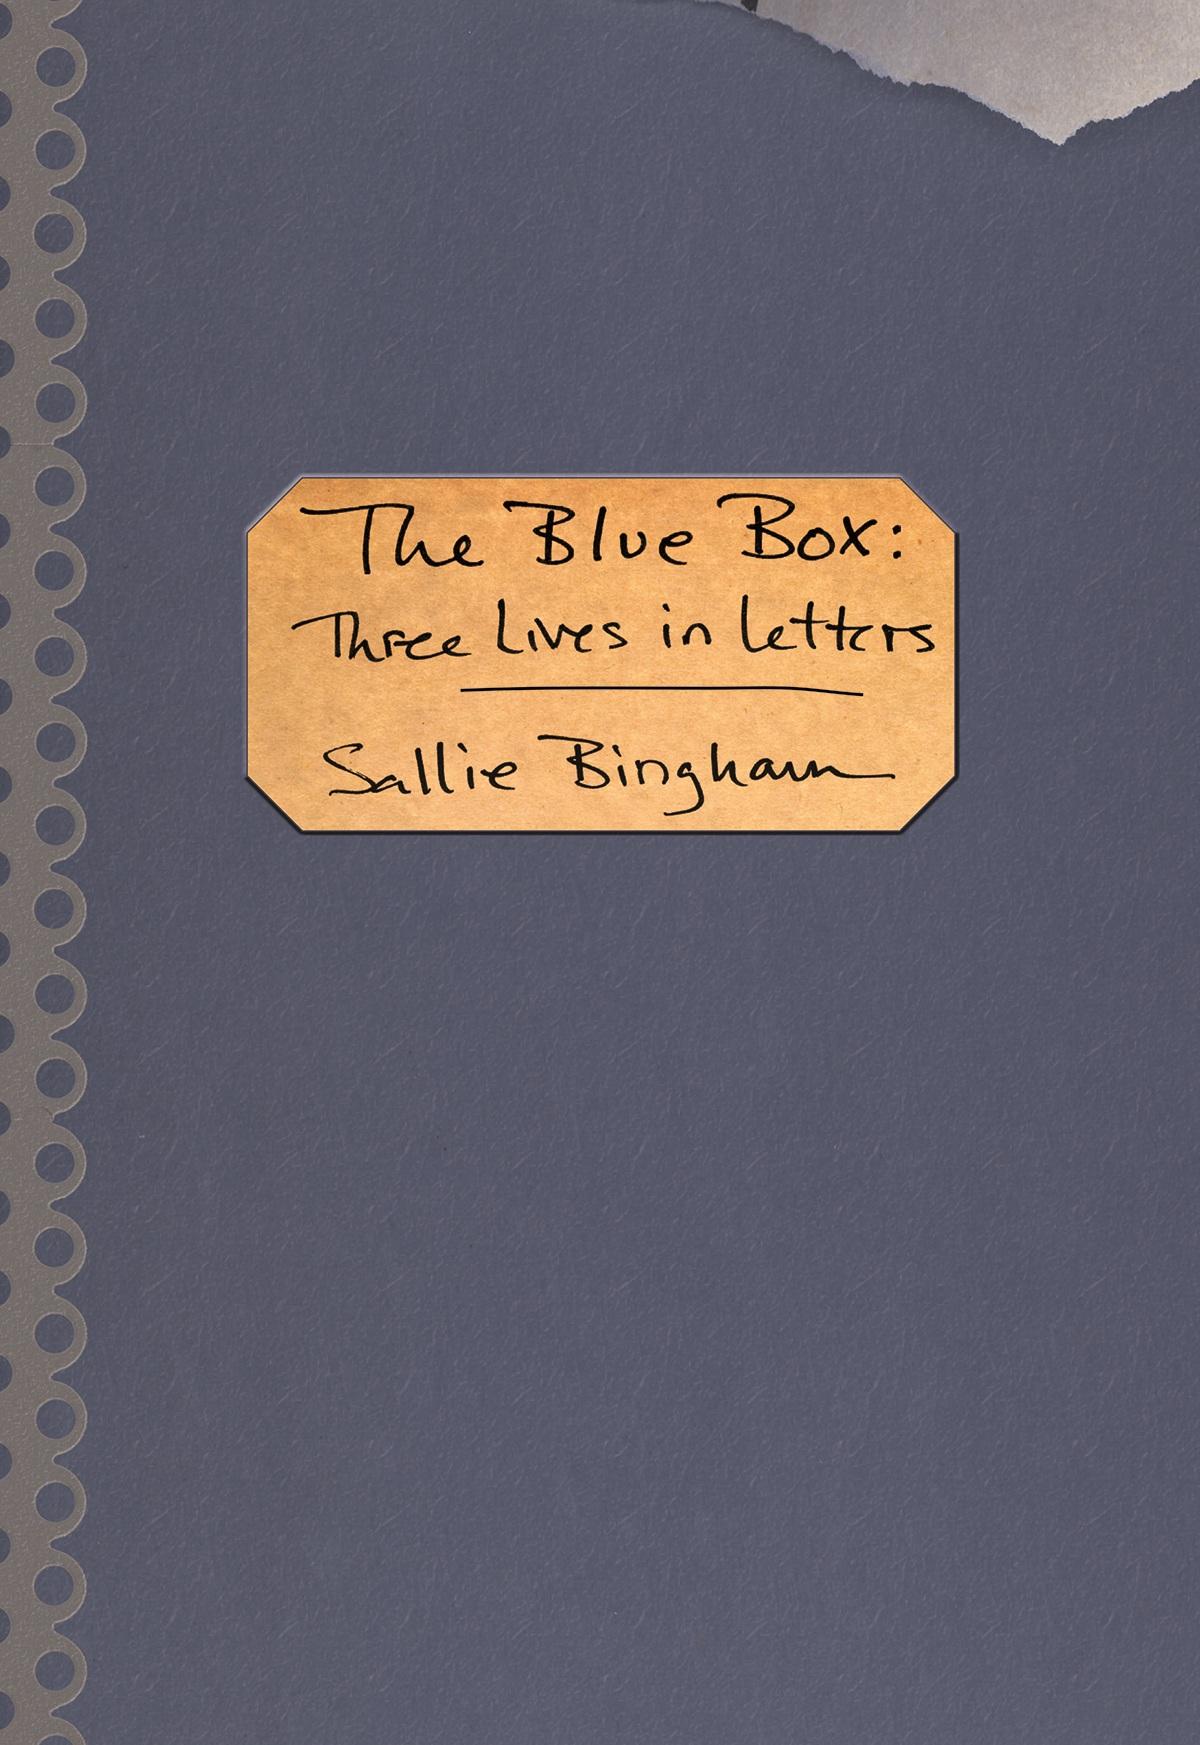 Bingham BlueBox